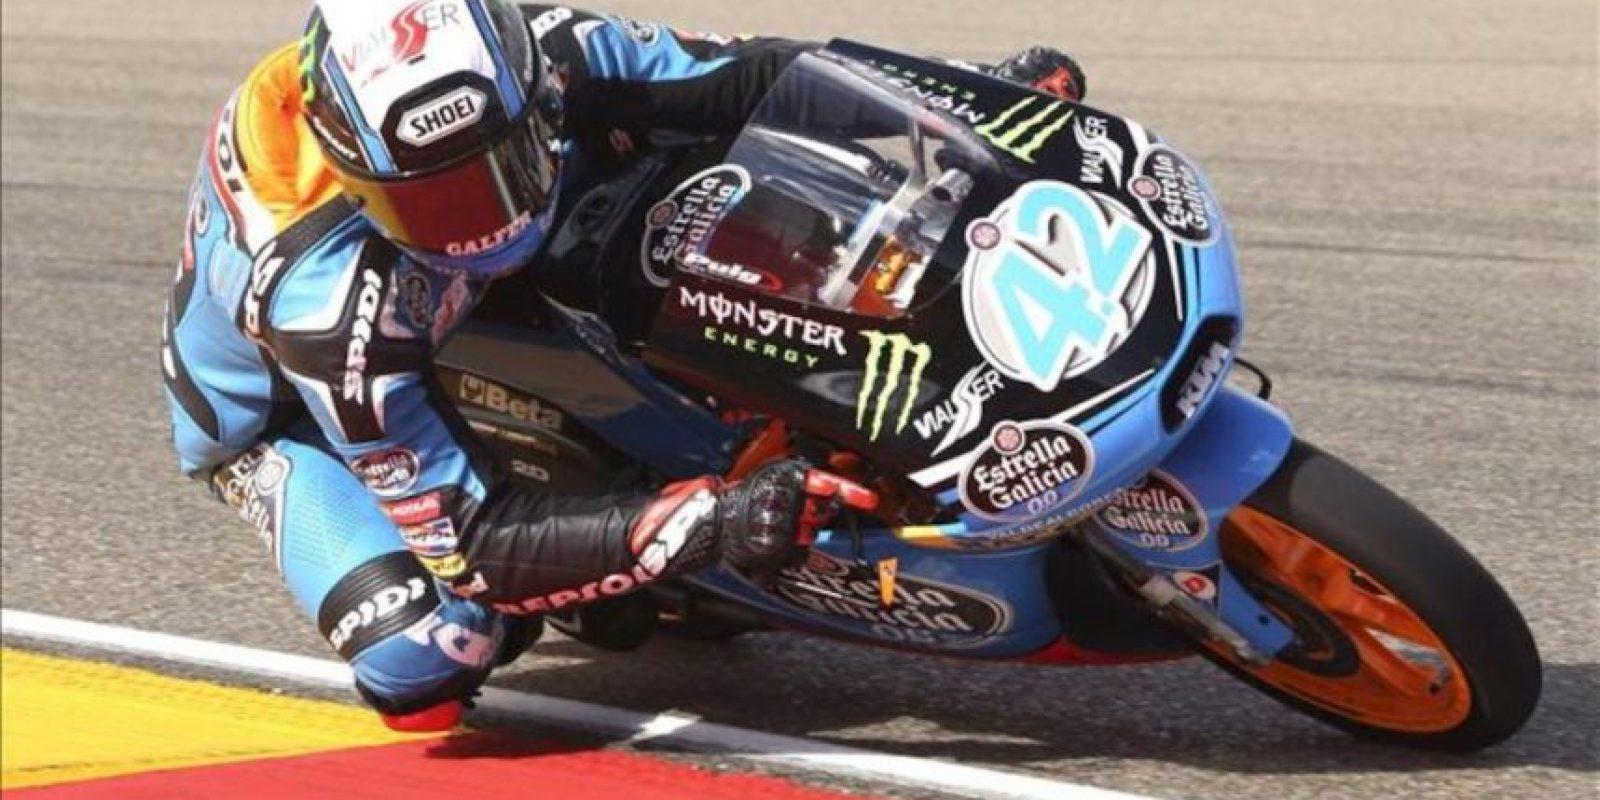 El piloto español Alex Rins (Estrella Galicia 0'0 KTM), durante la carrera final de Moto3 en el Gran Premio de Aragón de motociclismo que se celebra hoy en el circuito alcañizano de Motorland. EFE